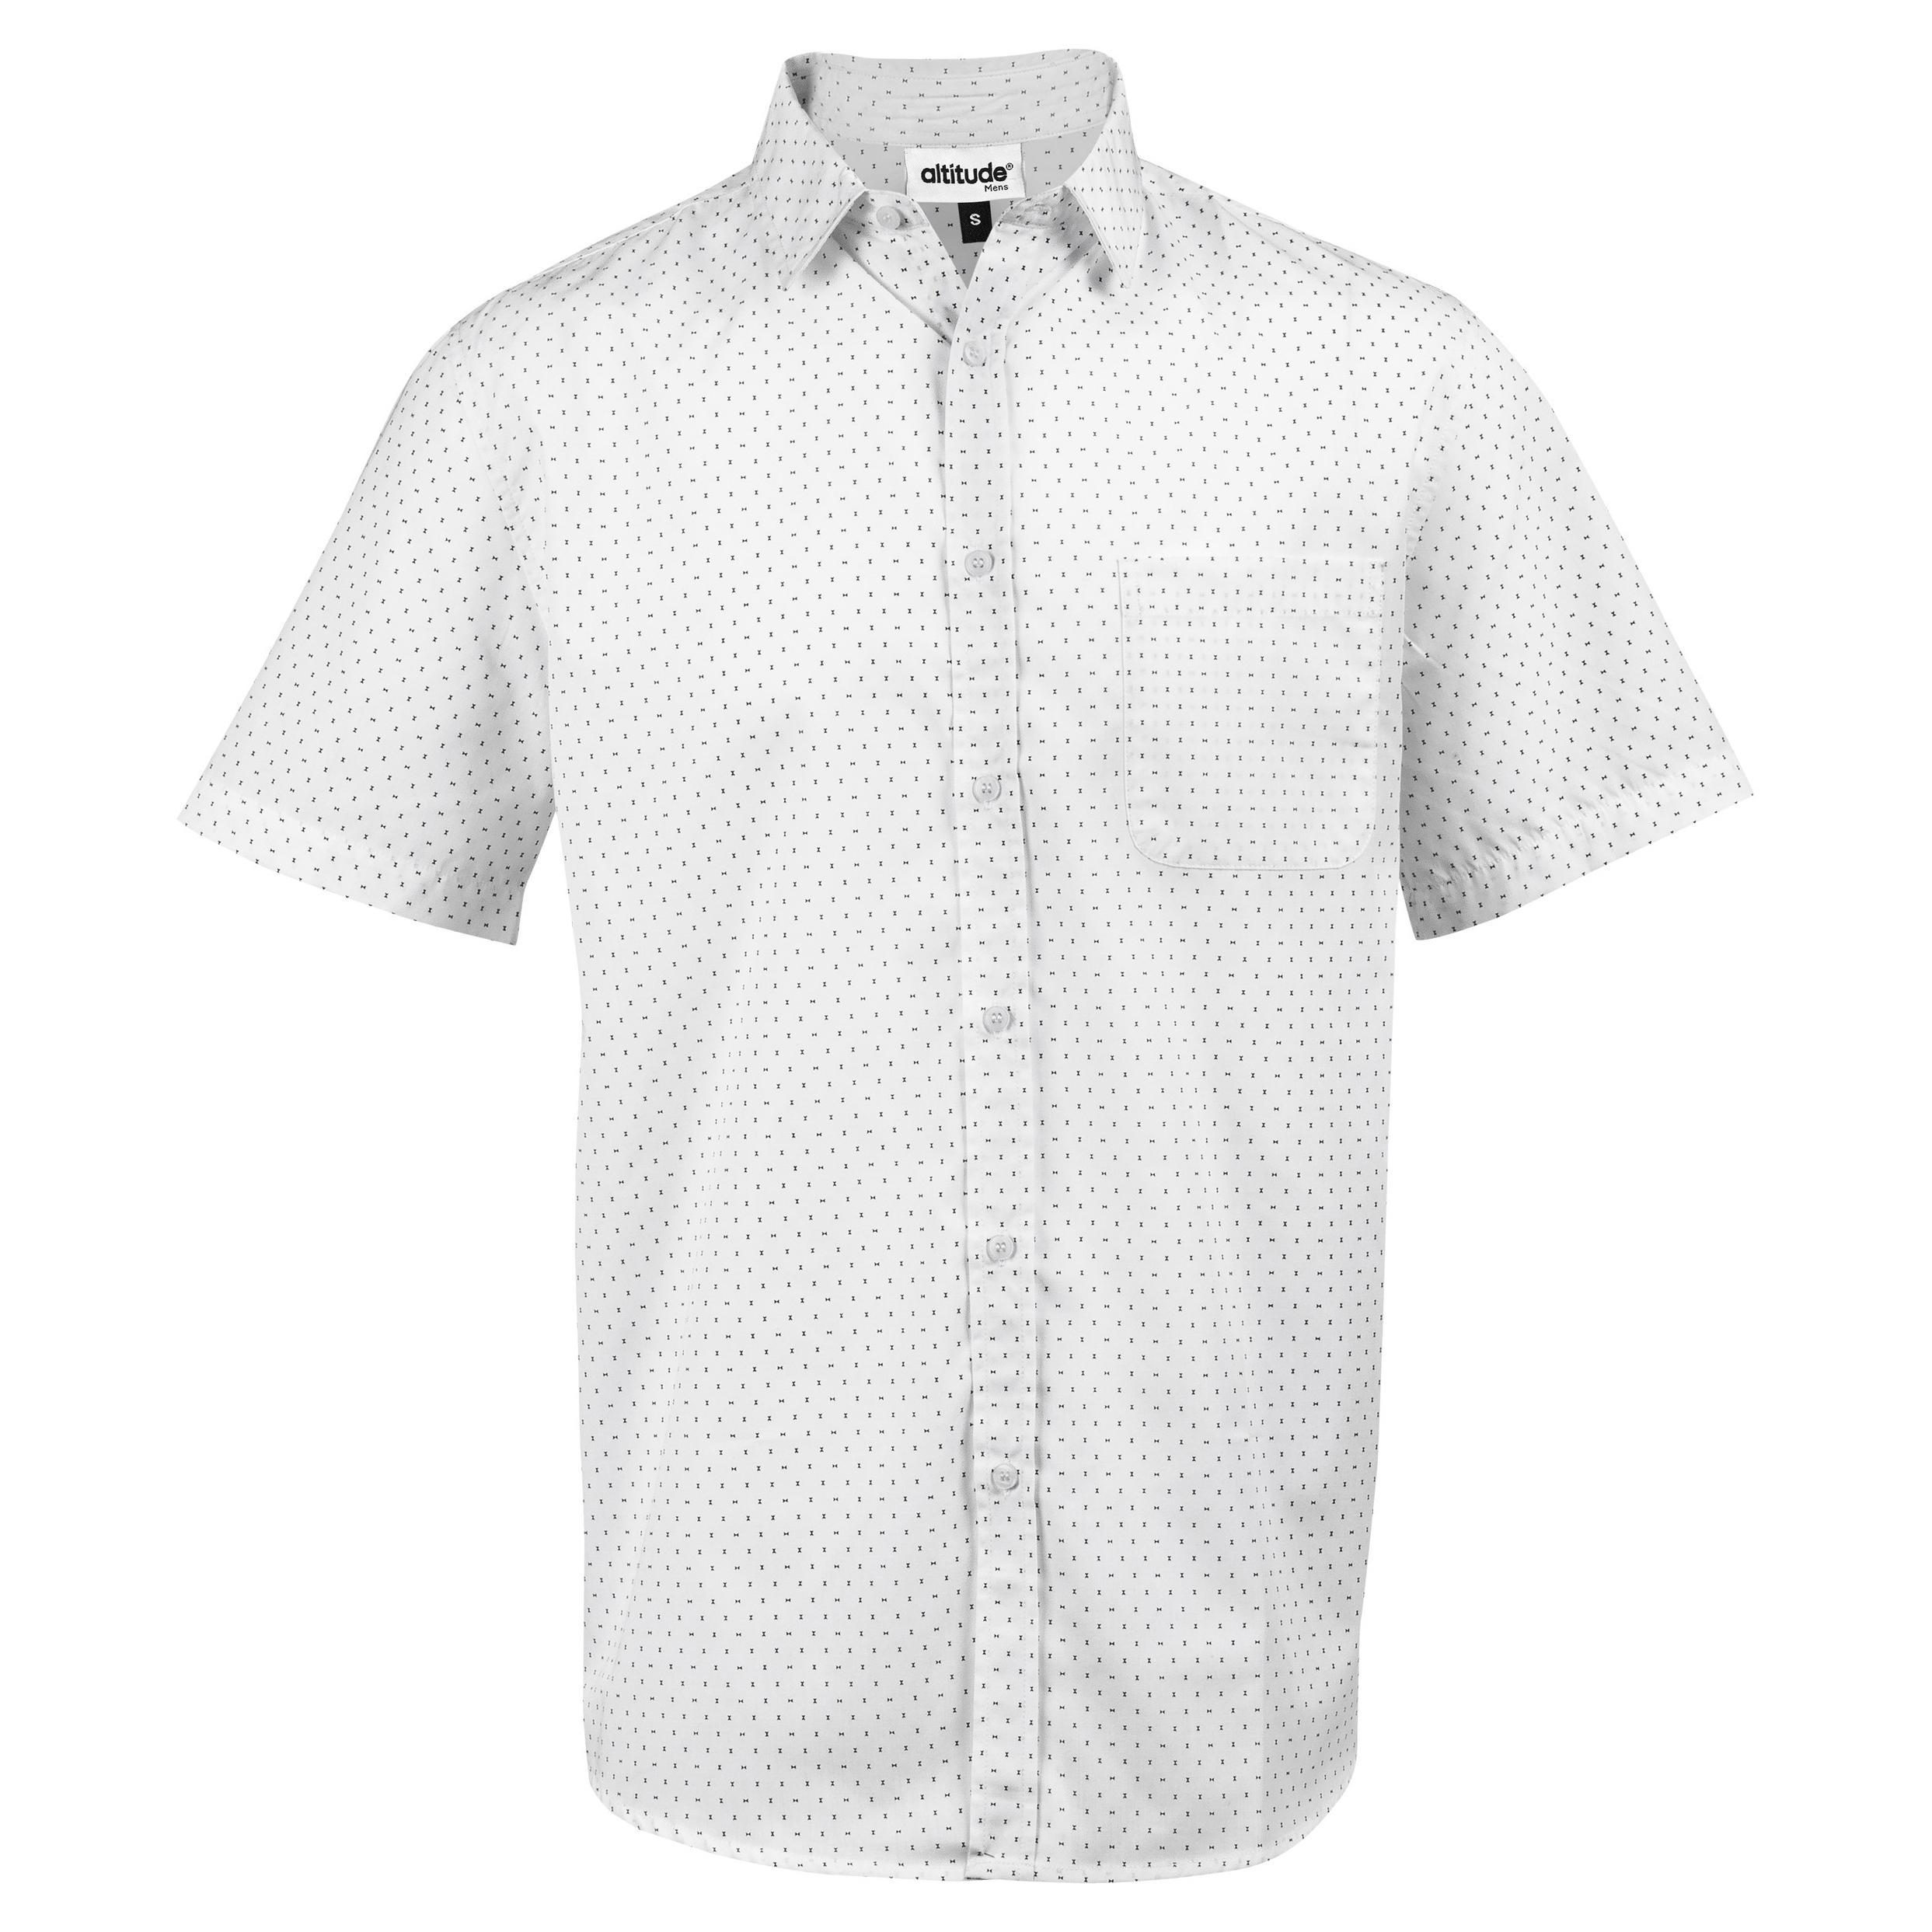 Mens Short Sleeve Duke Shirt - White Only